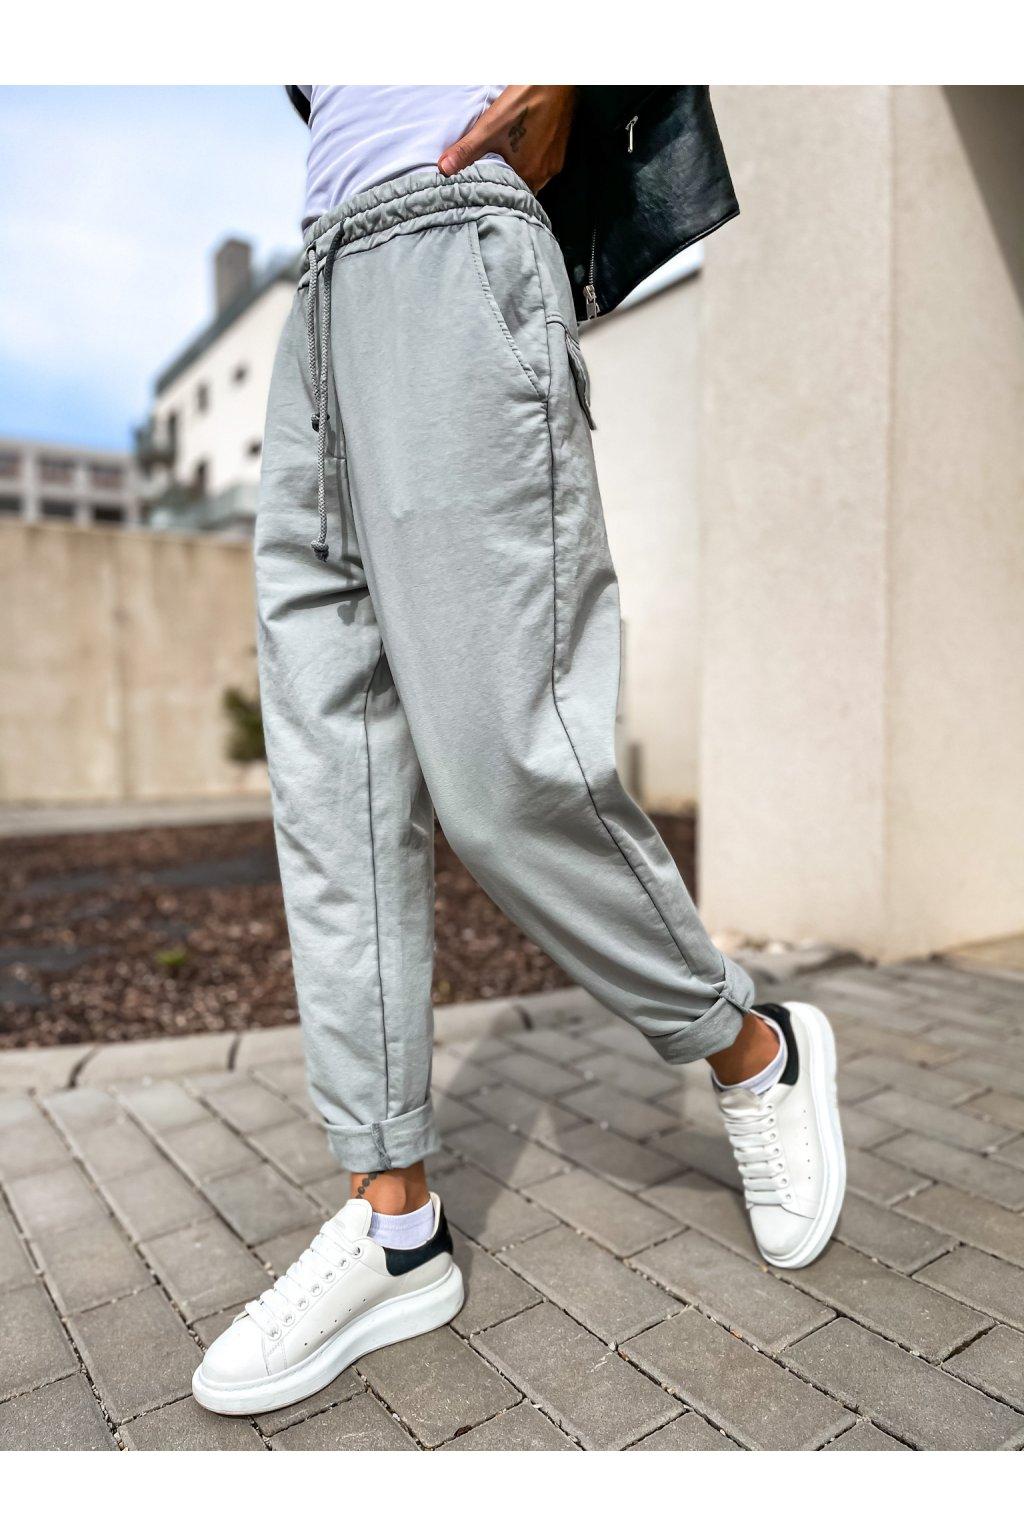 damske teplakove kalhoty dastin exlusive grey eshopat cz 1